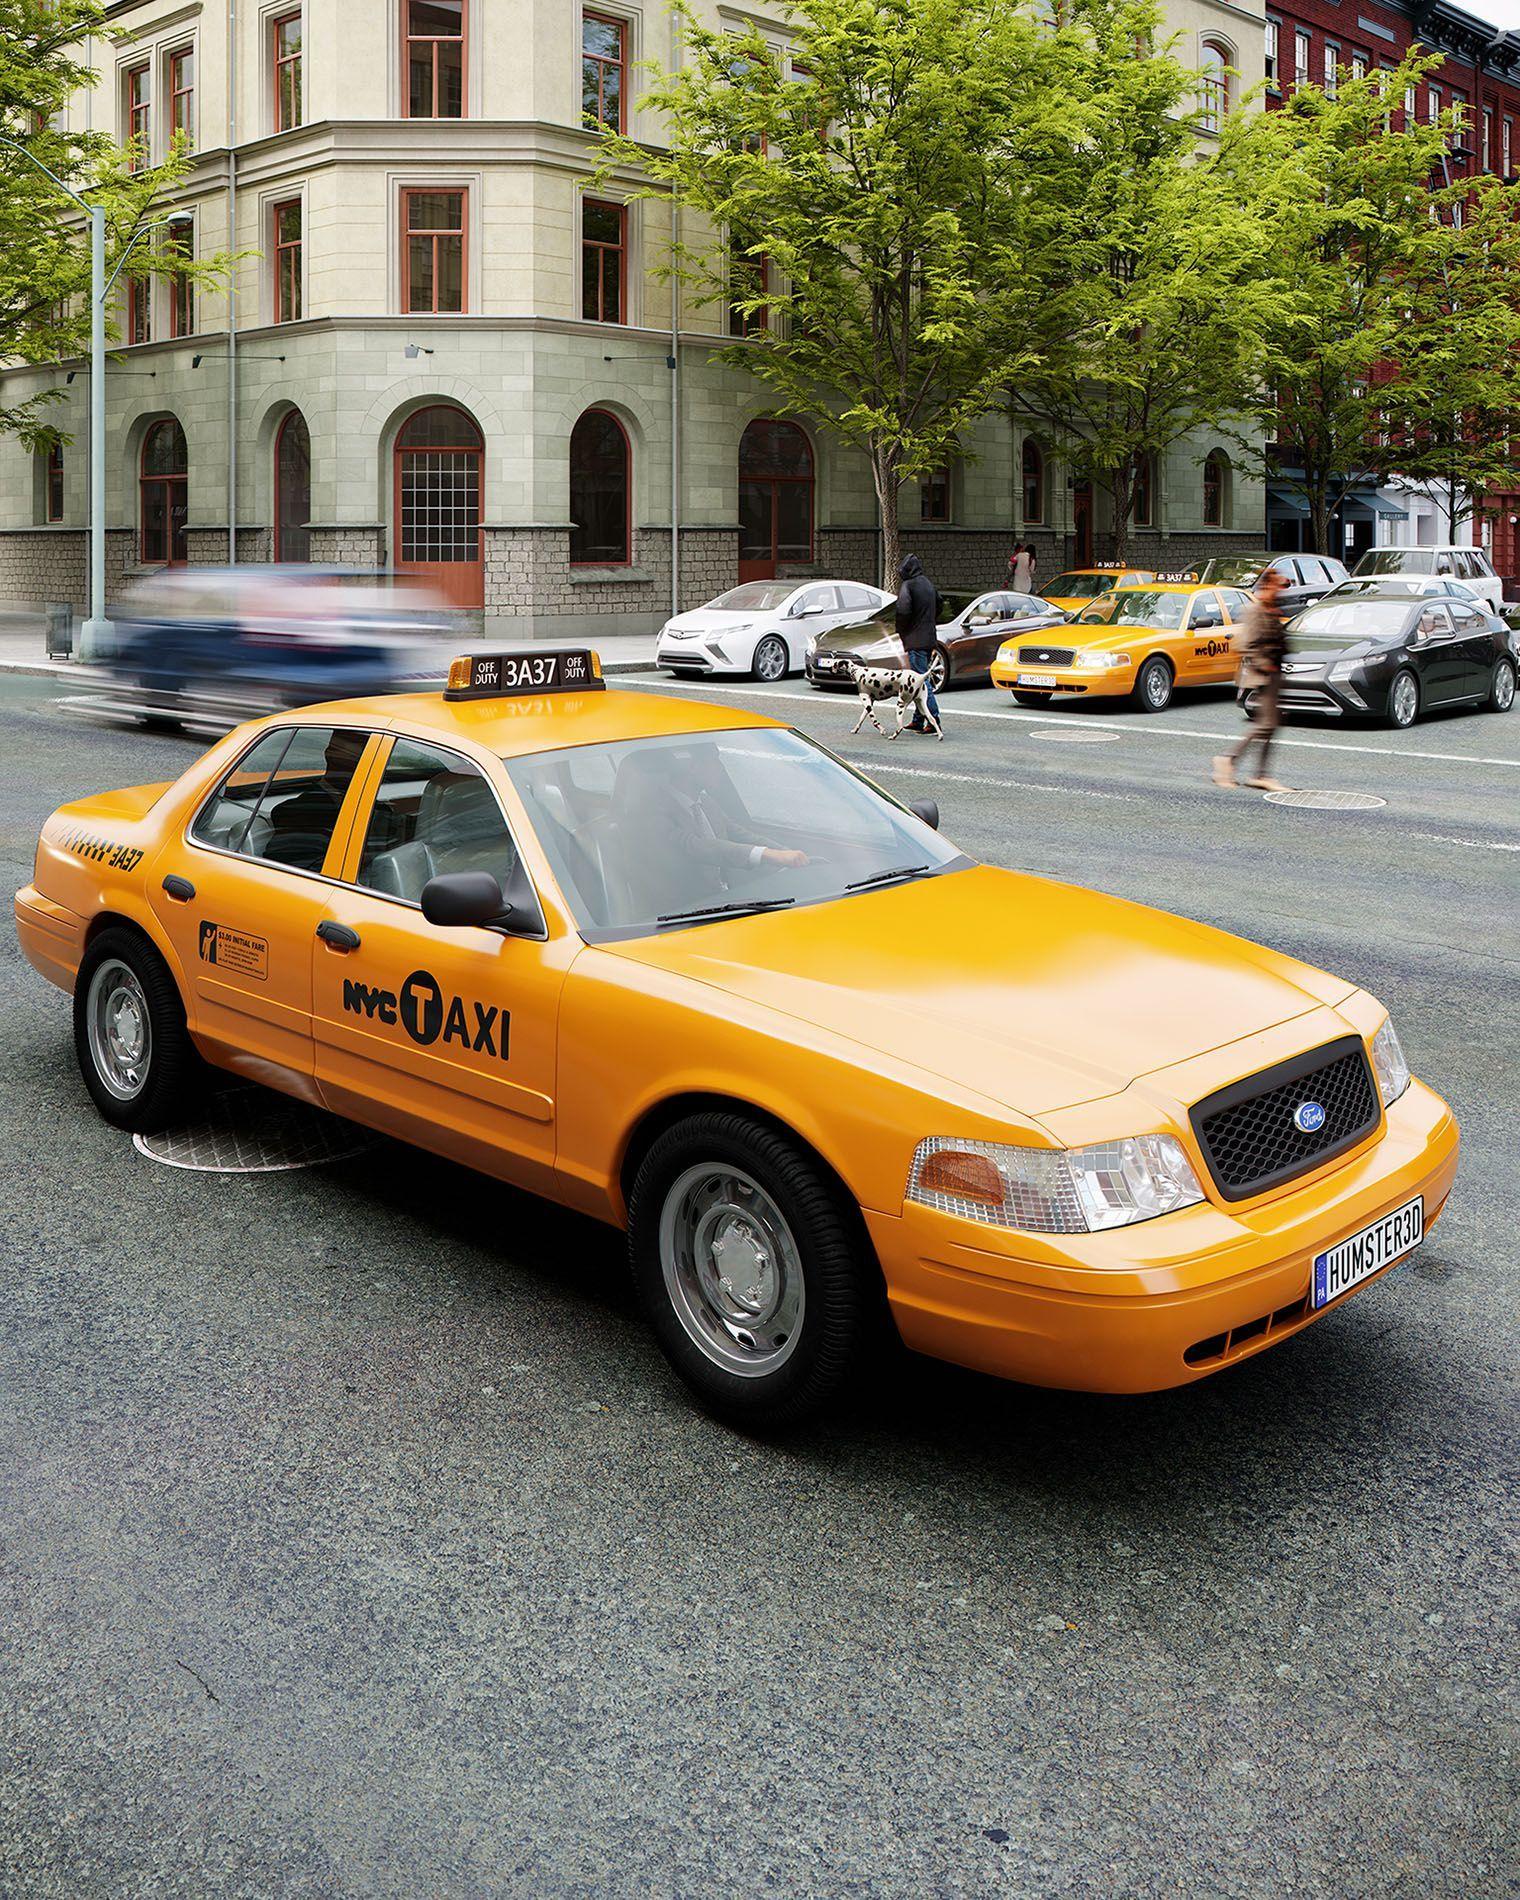 картинки желтого такси фотографировать двух сторон